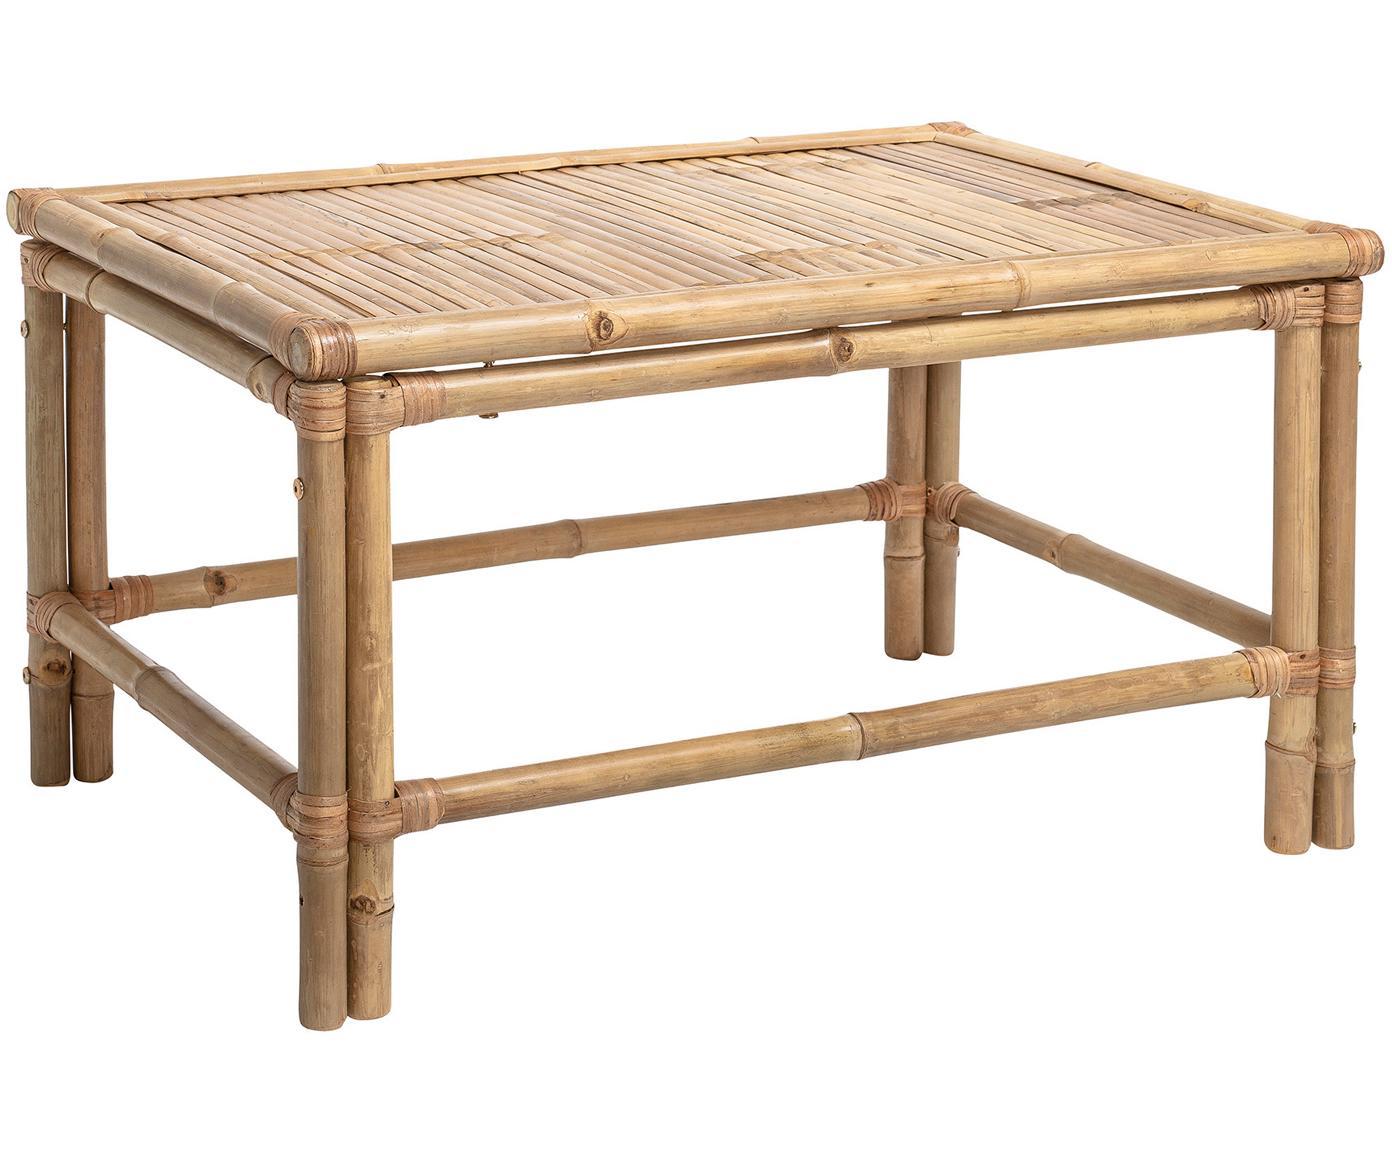 Stolik kawowy z bambusa Sole, Drewno bambusowe, Beżowy, S 90 x G 60 cm